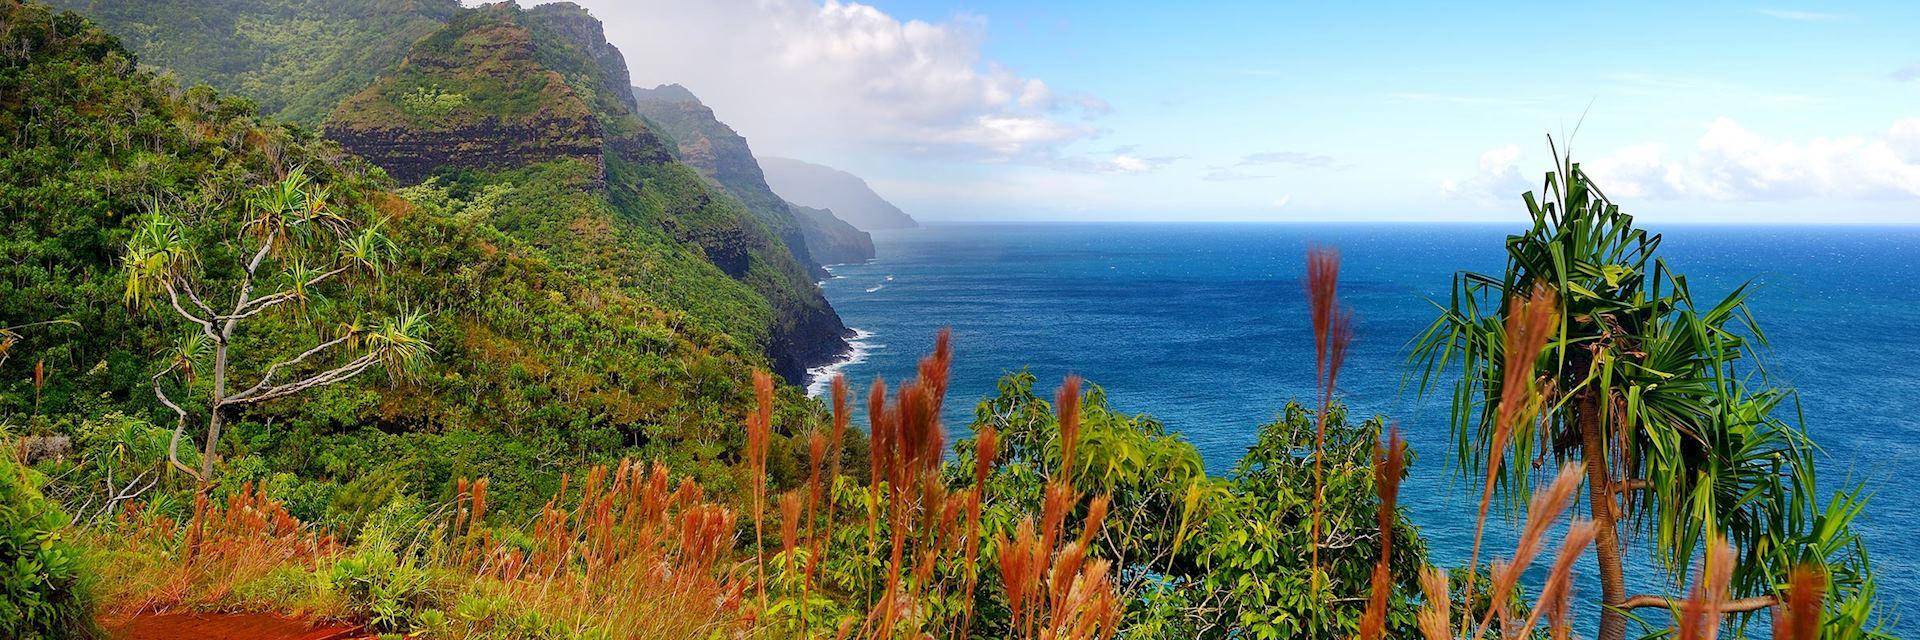 Na Pali Coastline, Kauai